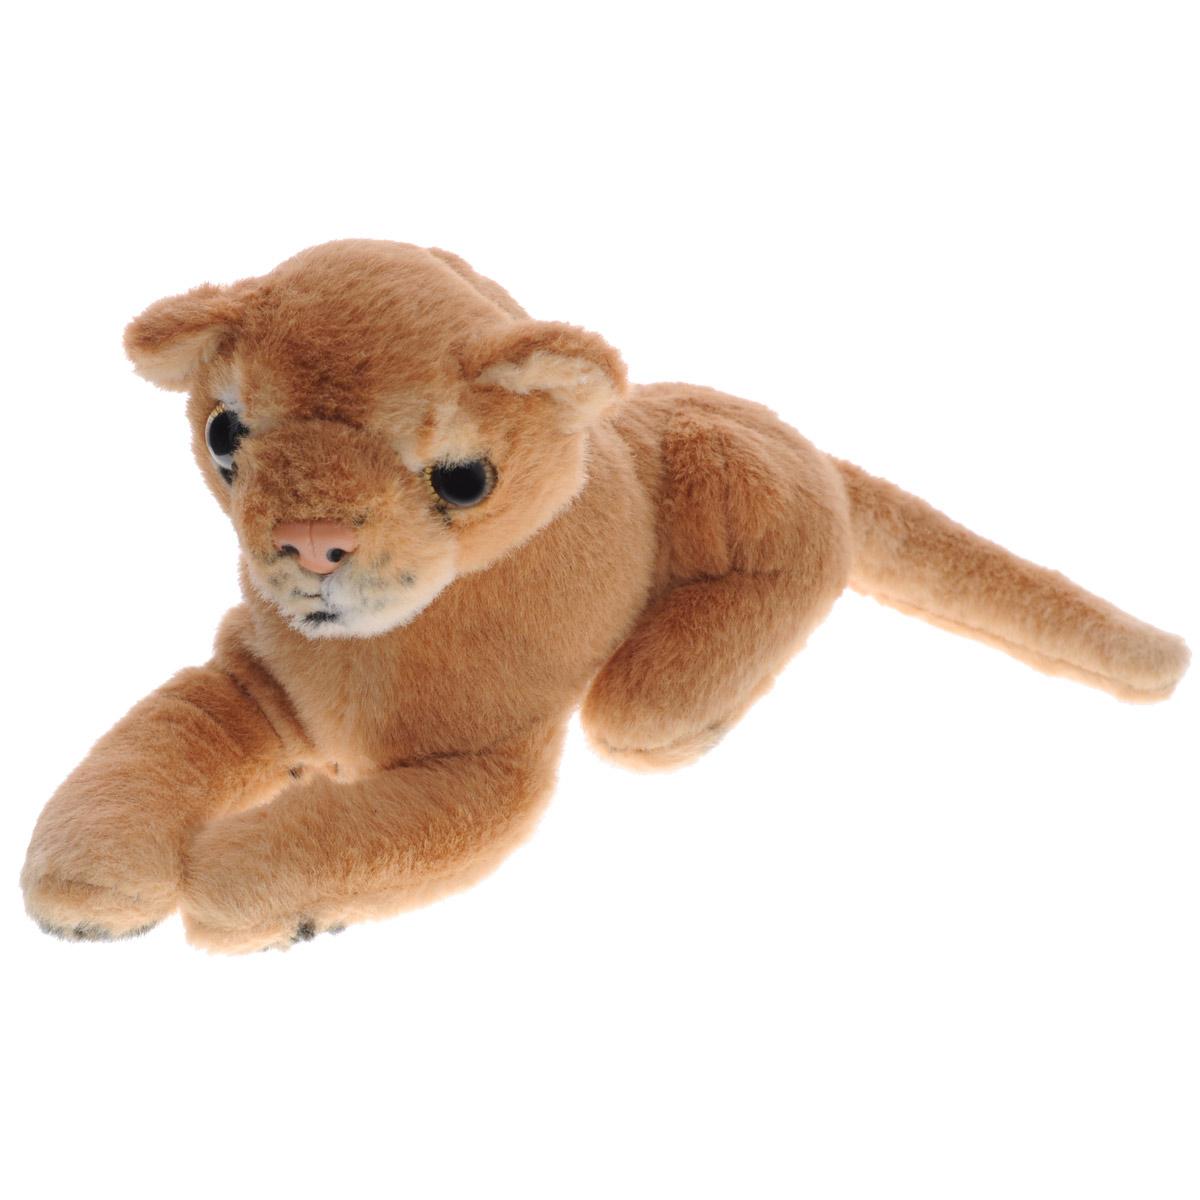 Magic Bear Toys Мягкая игрушка Лев, 20 см. 7SW16F7SW16FОчаровательная игрушка Magic Bear Toys Лев выполнена в виде красивого льва. Игрушка изготовлена из нетоксичных экологически чистых материалов. Глазки и носик выполнены из пластика. Зверек обладает мягкой бежевой шерсткой, выполненной из искусственного меха. Для набивки используется силиконизированное волокно. Удивительно мягкая игрушка принесет радость и подарит своему обладателю мгновения нежных объятий и приятных воспоминаний. Великолепное качество исполнения делают эту игрушку чудесным подарком к любому празднику. Трогательная и симпатичная, она непременно вызовет улыбку у детей и взрослых.